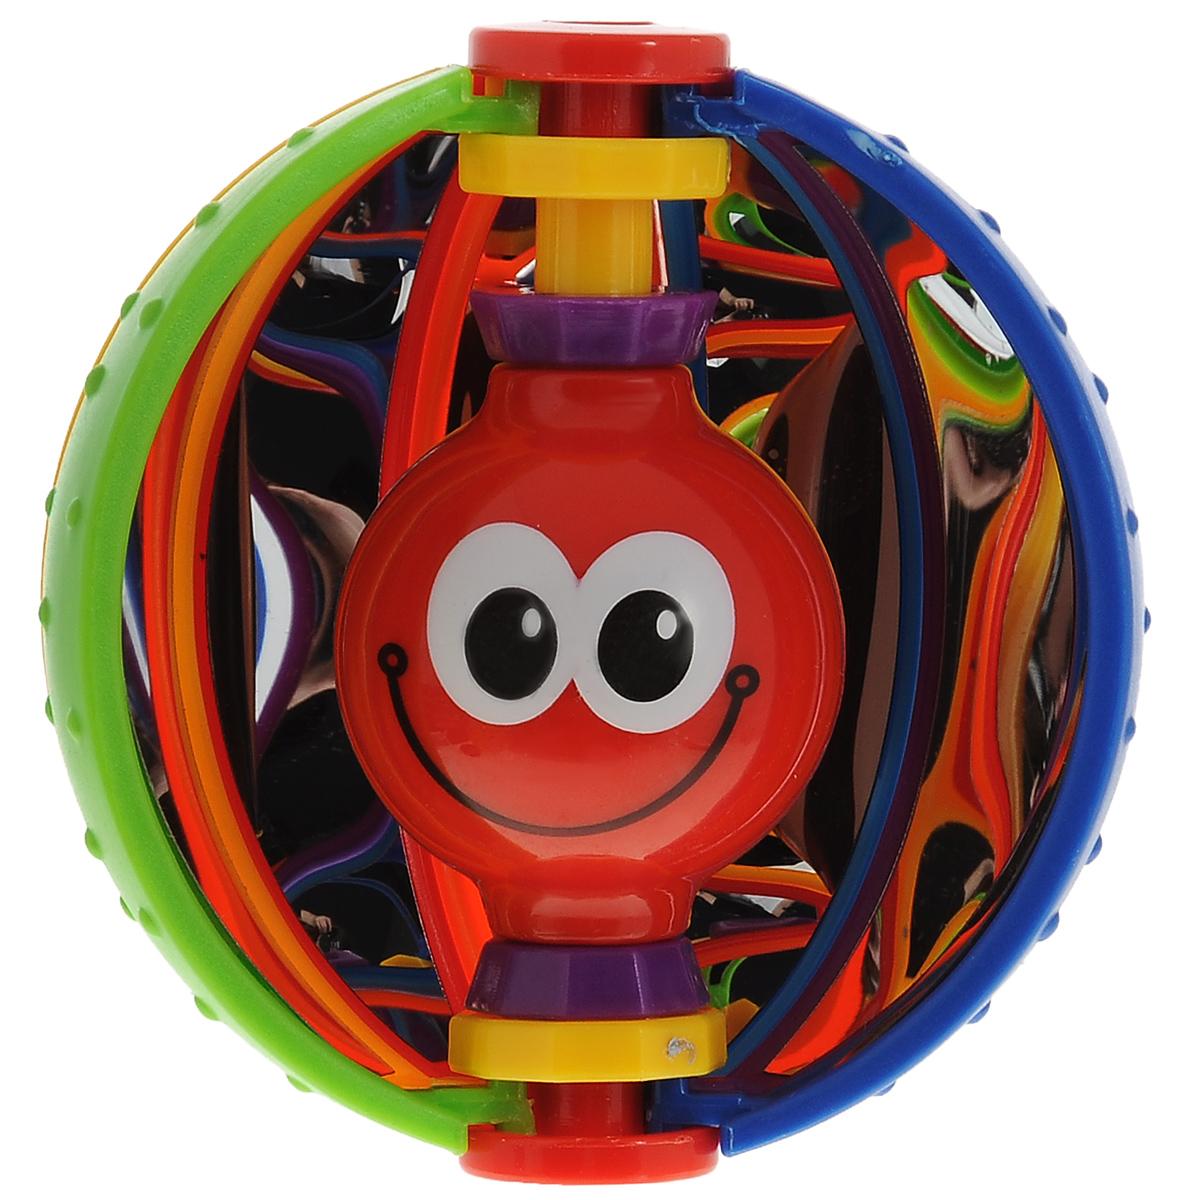 Погремушка Mioshi Волшебный шарTY9053Яркая, разноцветная, приятная на ощупь игрушка-погремушка Mioshi Волшебный шар с добрым смайликом обязательно понравится вашей крохе. При потряхивании смайлик издает звонкие гремящие звуки, что, несомненно, вызовет у детишек неподдельный интерес. В игровой форме малыш ознакомится с такими понятиями, как: звук, цвет и форма предмета, кроме того игрушка способствует развитию мелкой моторики. Дети в раннем возрасте всегда очень любознательны, они тщательно исследуют все, что попадает им в руки. Заботясь о здоровье и безопасности малышей, Mioshi выпускает только качественную продукцию, которая прошла сертификацию.